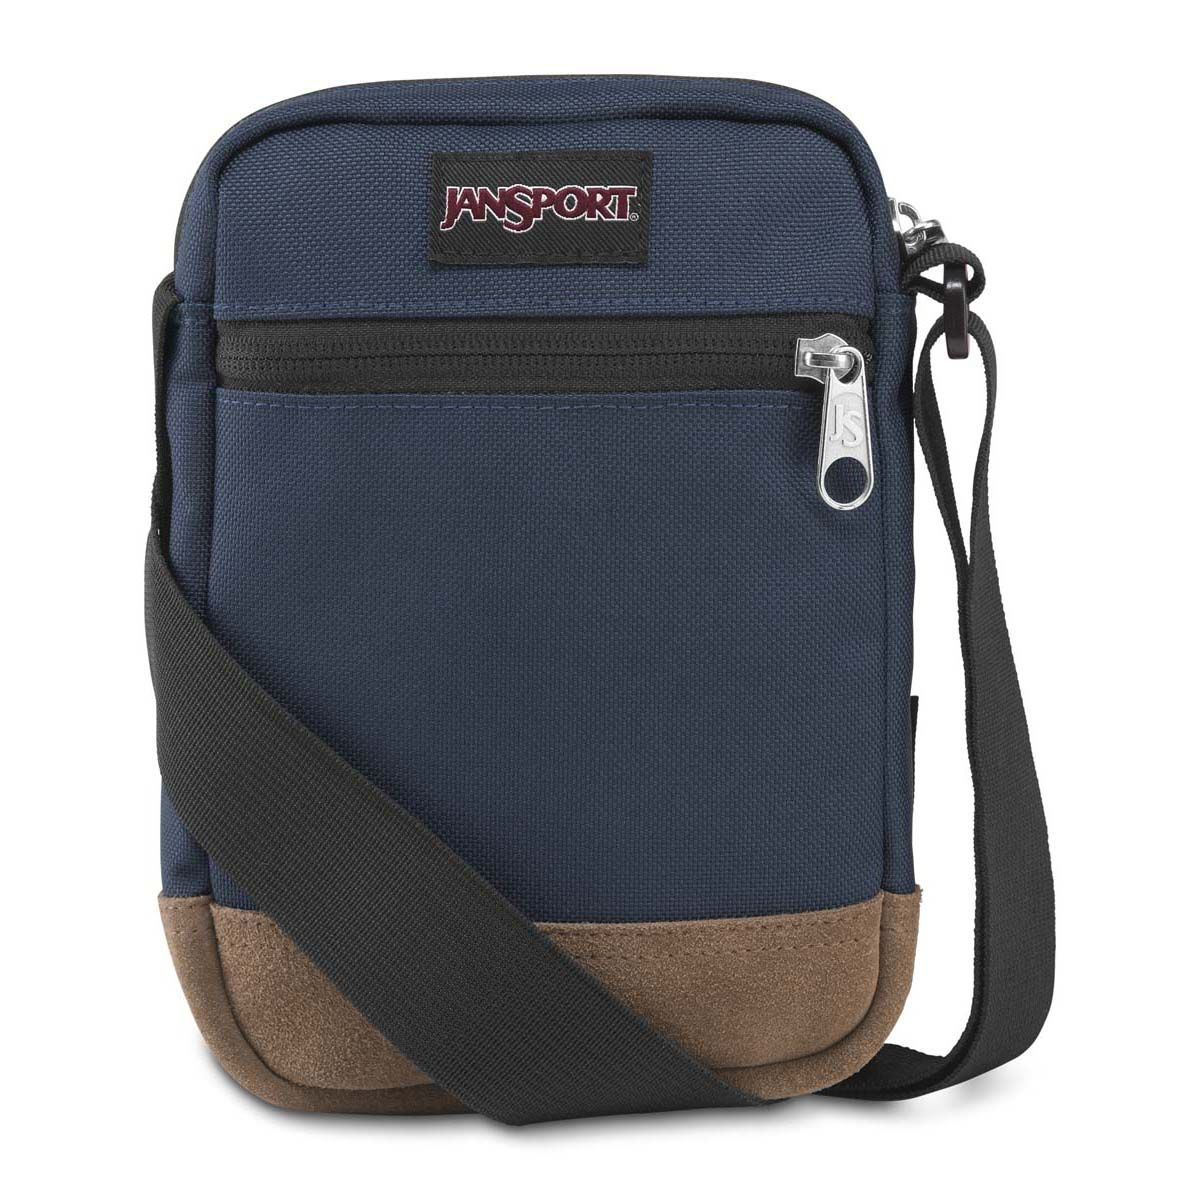 JanSport Weekender Suede Mini Bag in Navy